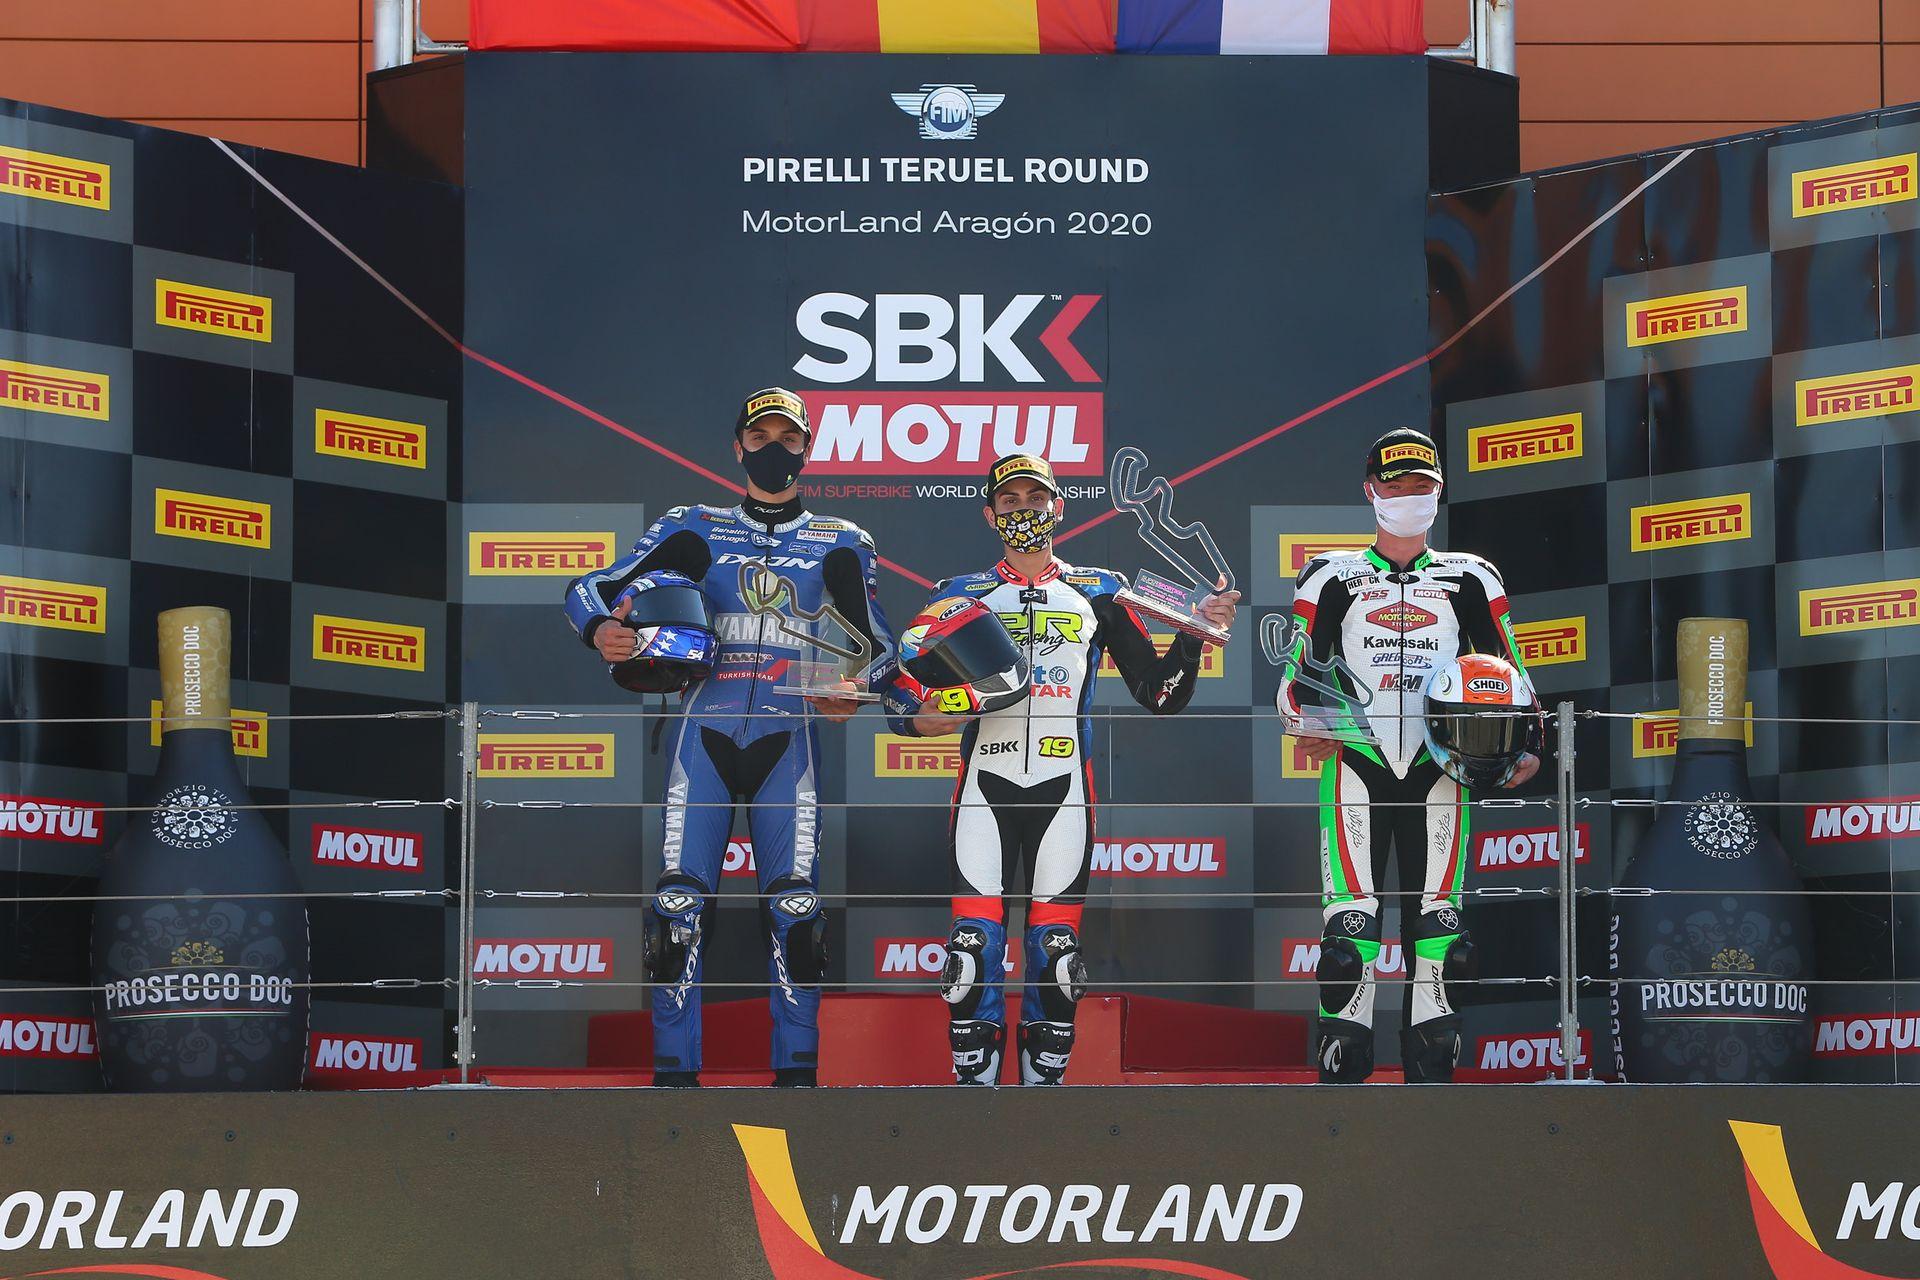 Víctor Rodríguez, descalificado de las cuatro carreras celebradas en Motorland Aragón